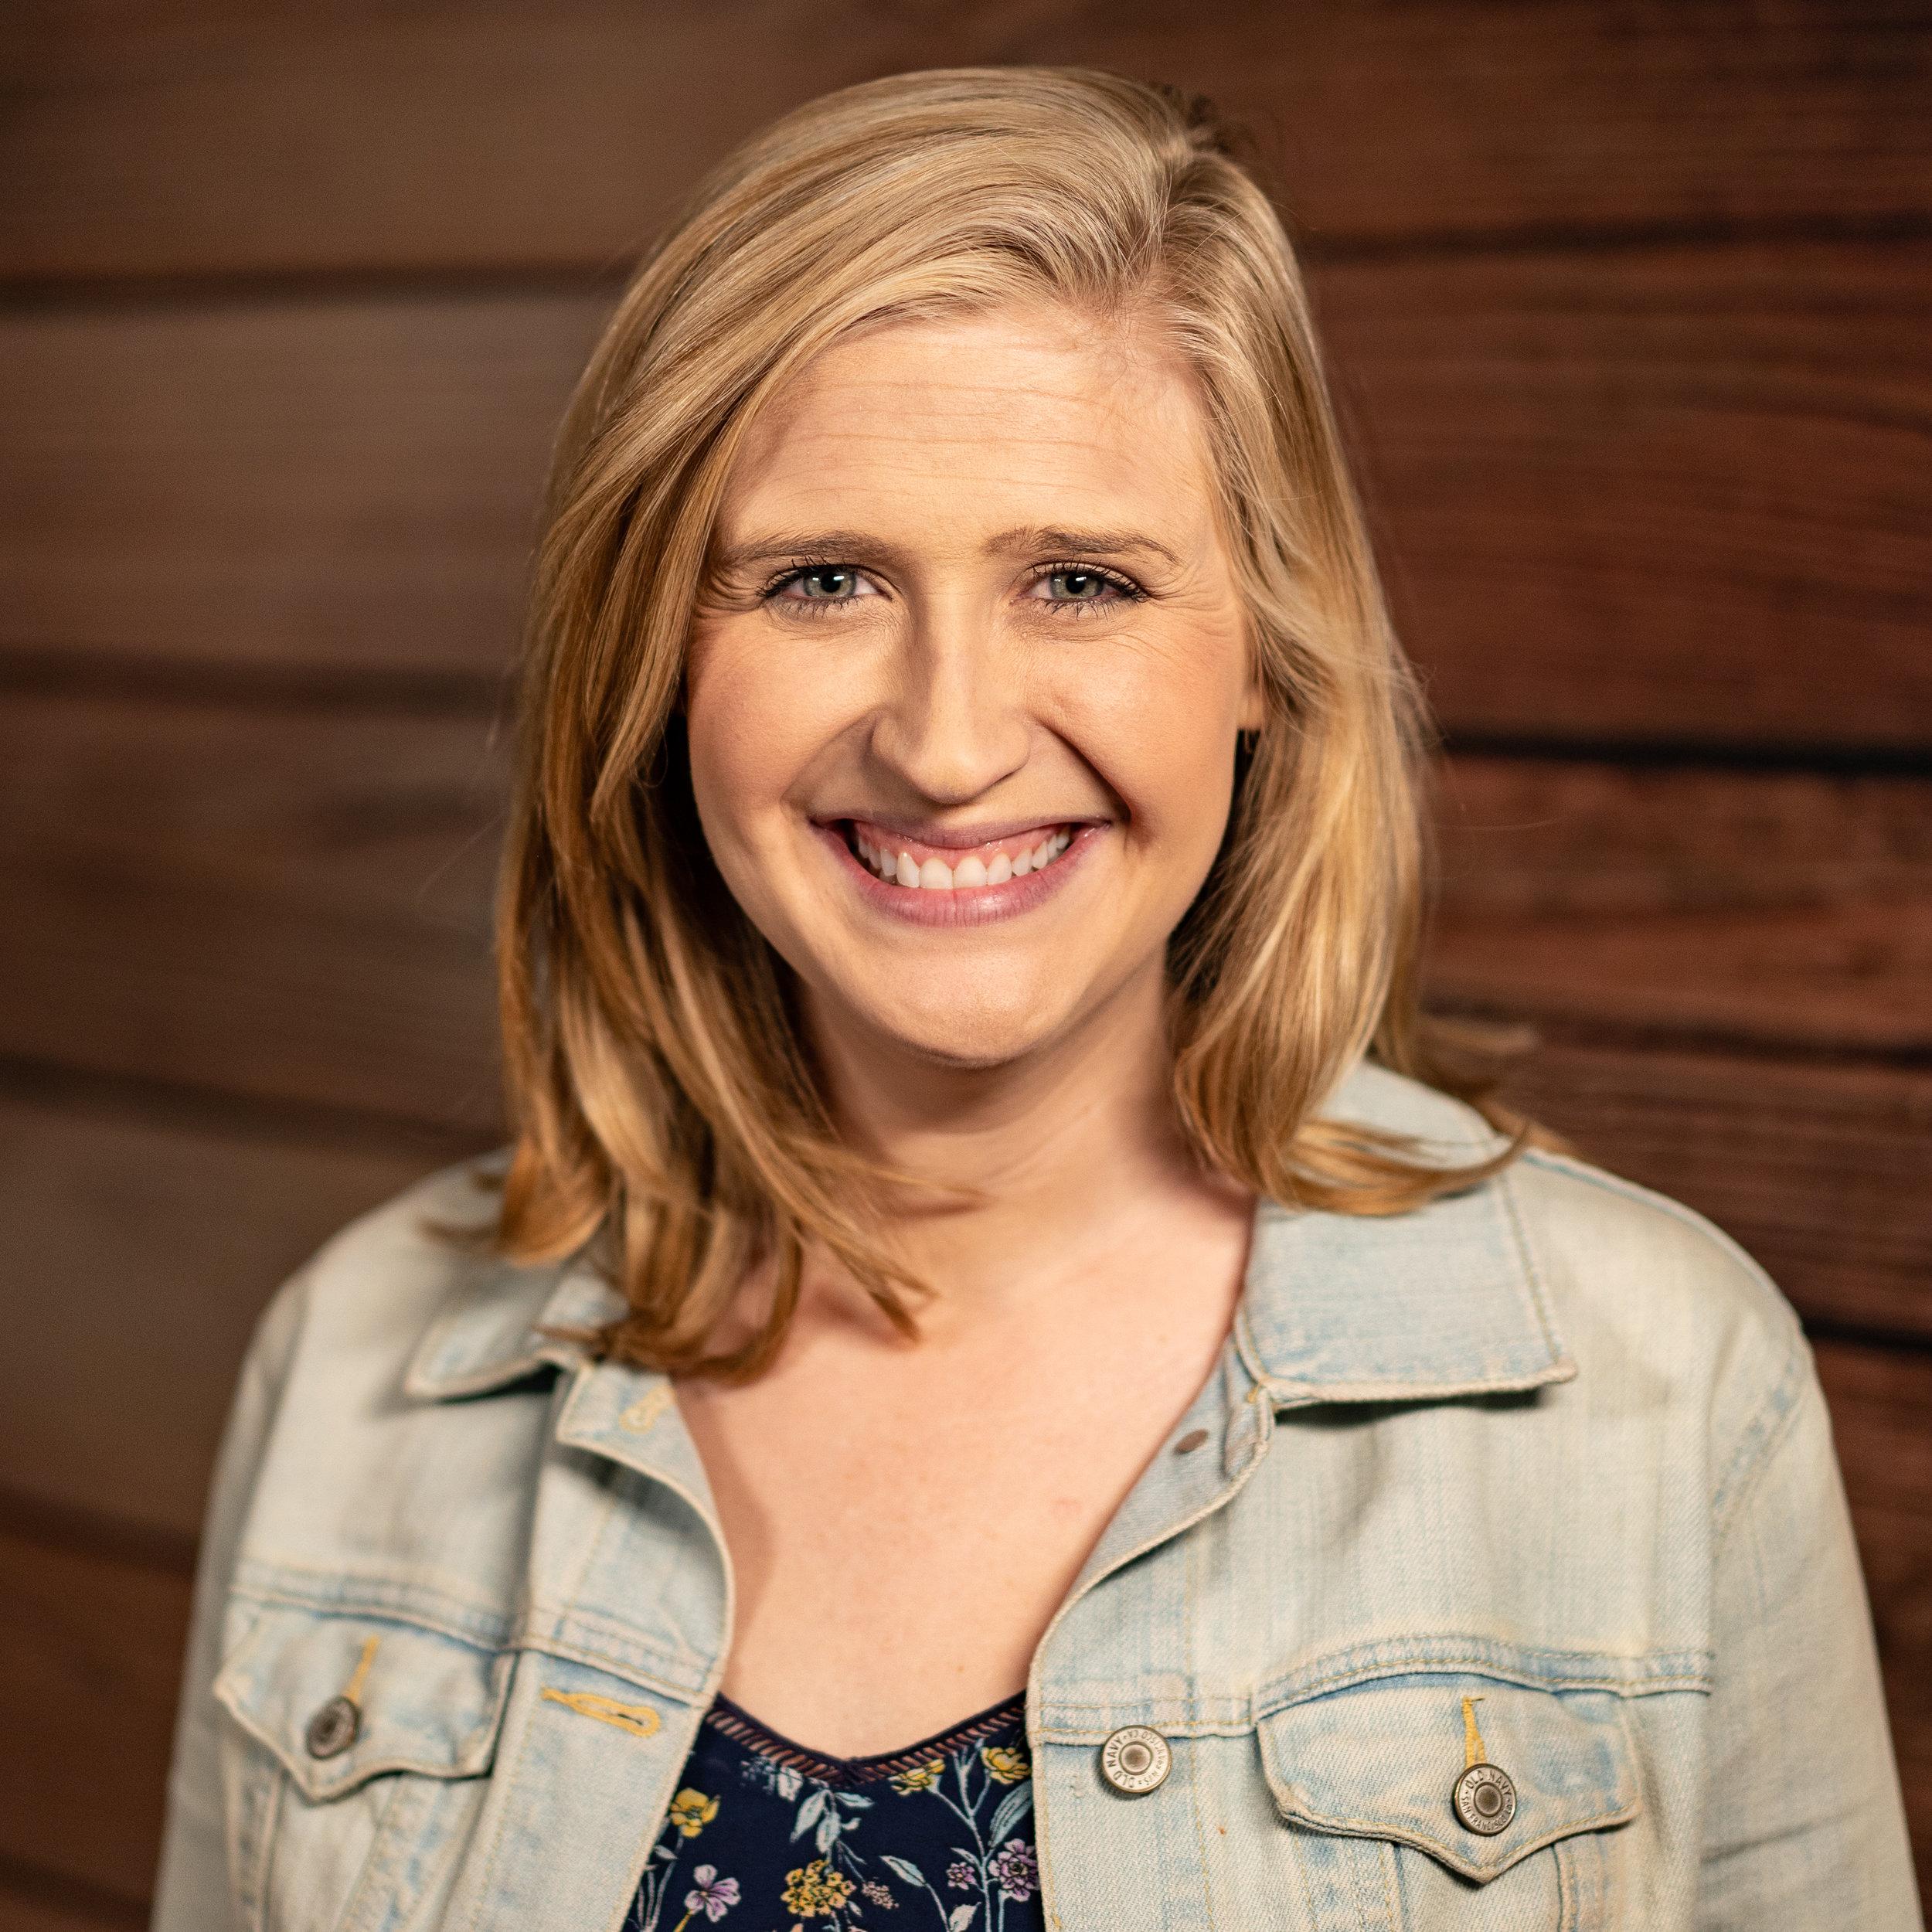 Julie Henson - Pastor of Groups & Community Engagement | Email Julie